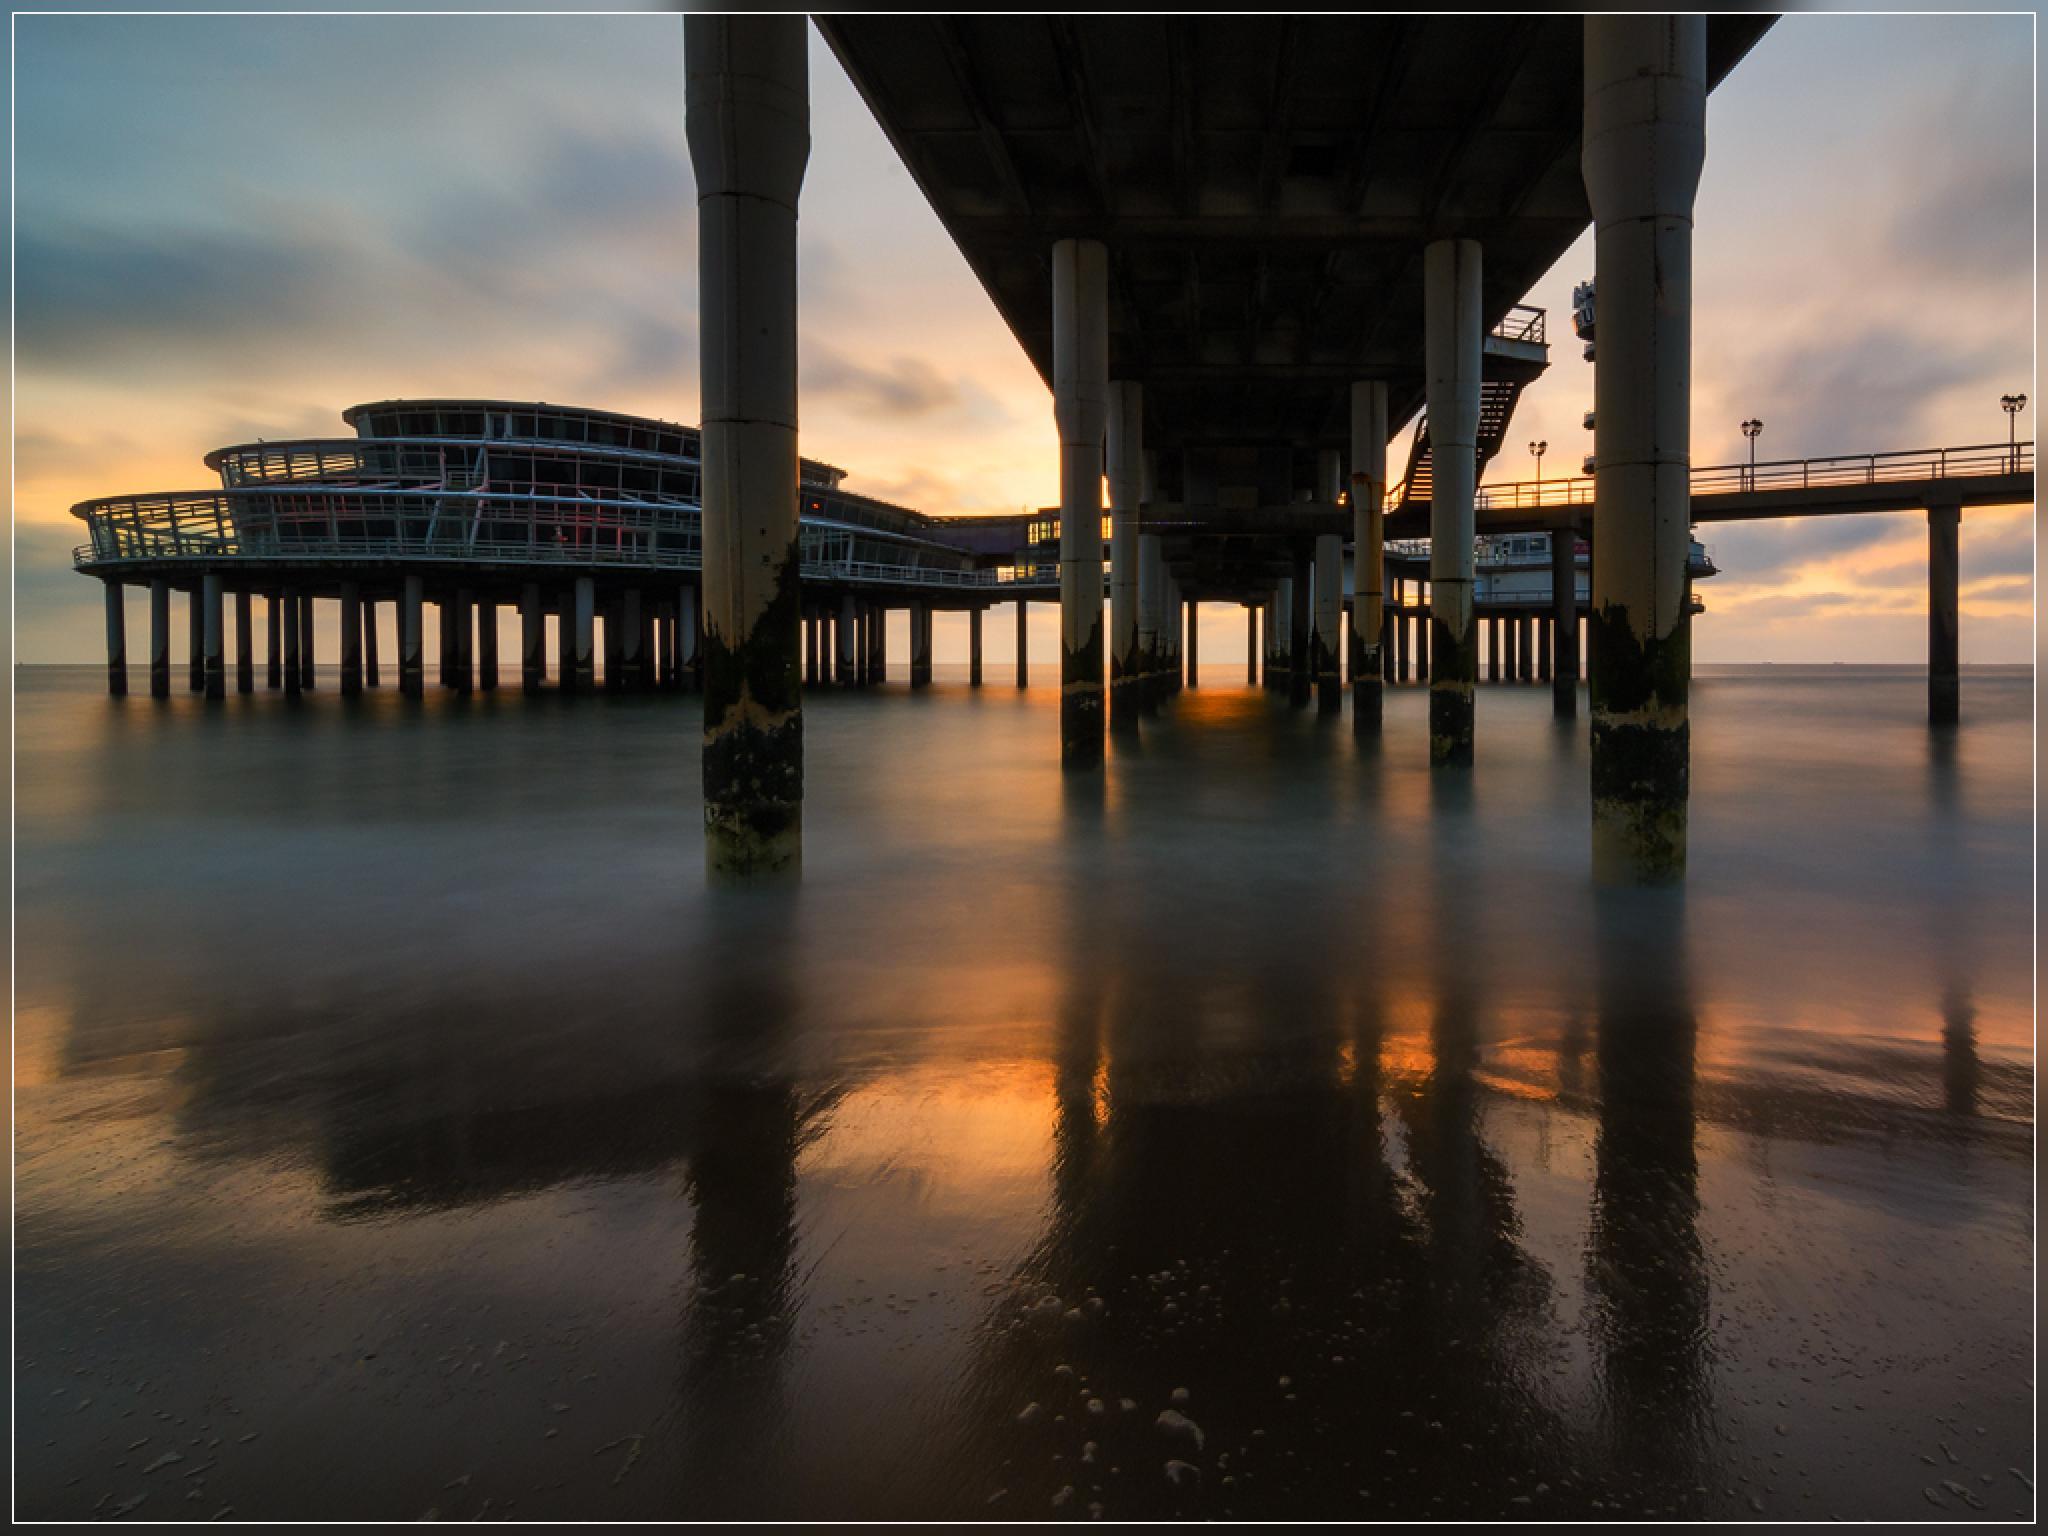 Onder de pier van Scheveningen by jospannekoek